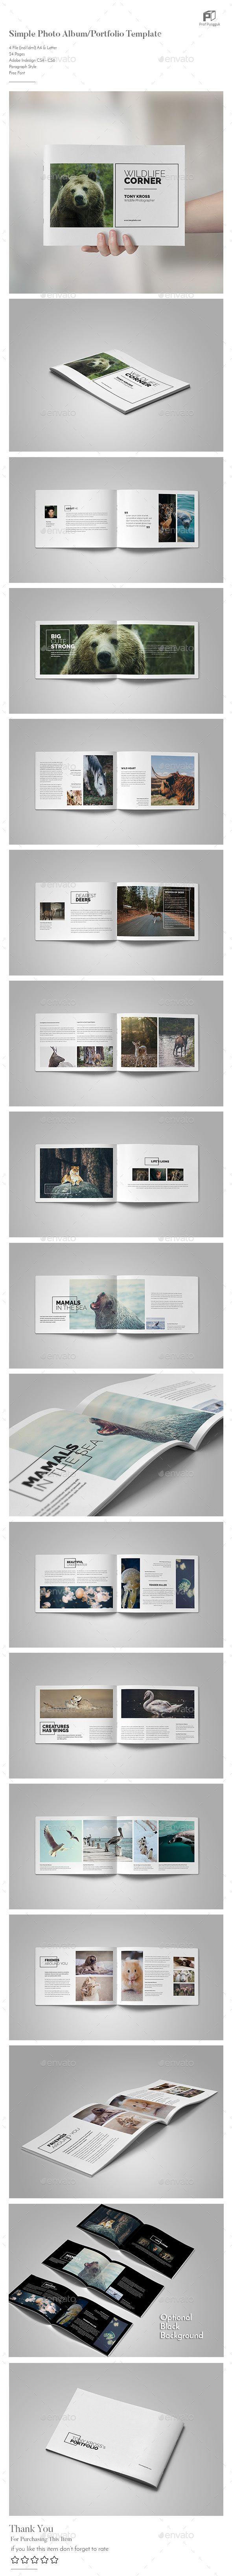 Mejores 307 imágenes de Photo Album Templates en Pinterest | Fuentes ...